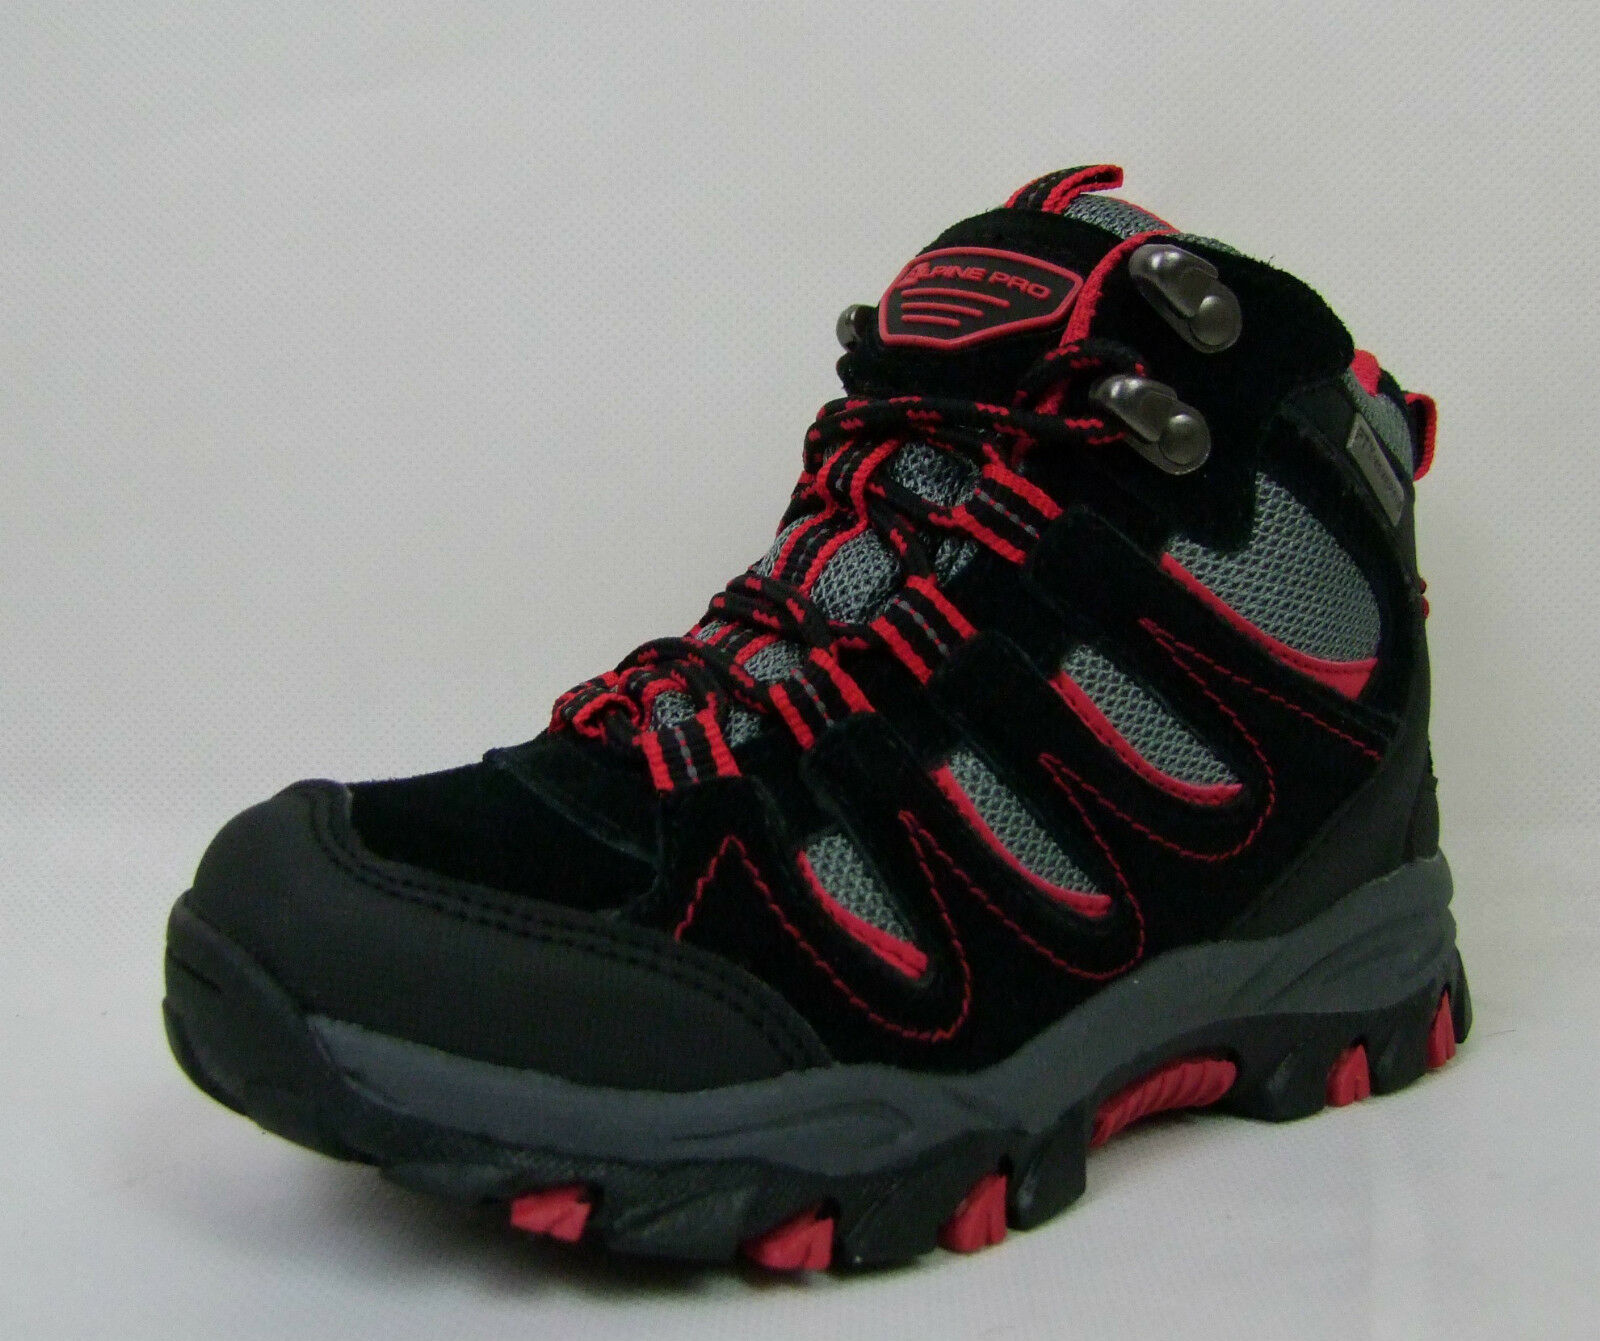 Kinder Wanderschuhe Wanderschuhe Wanderschuhe Alpine Pro Efro Outdoor Schuhe schwarz rot WASSERDICHT 3f7567